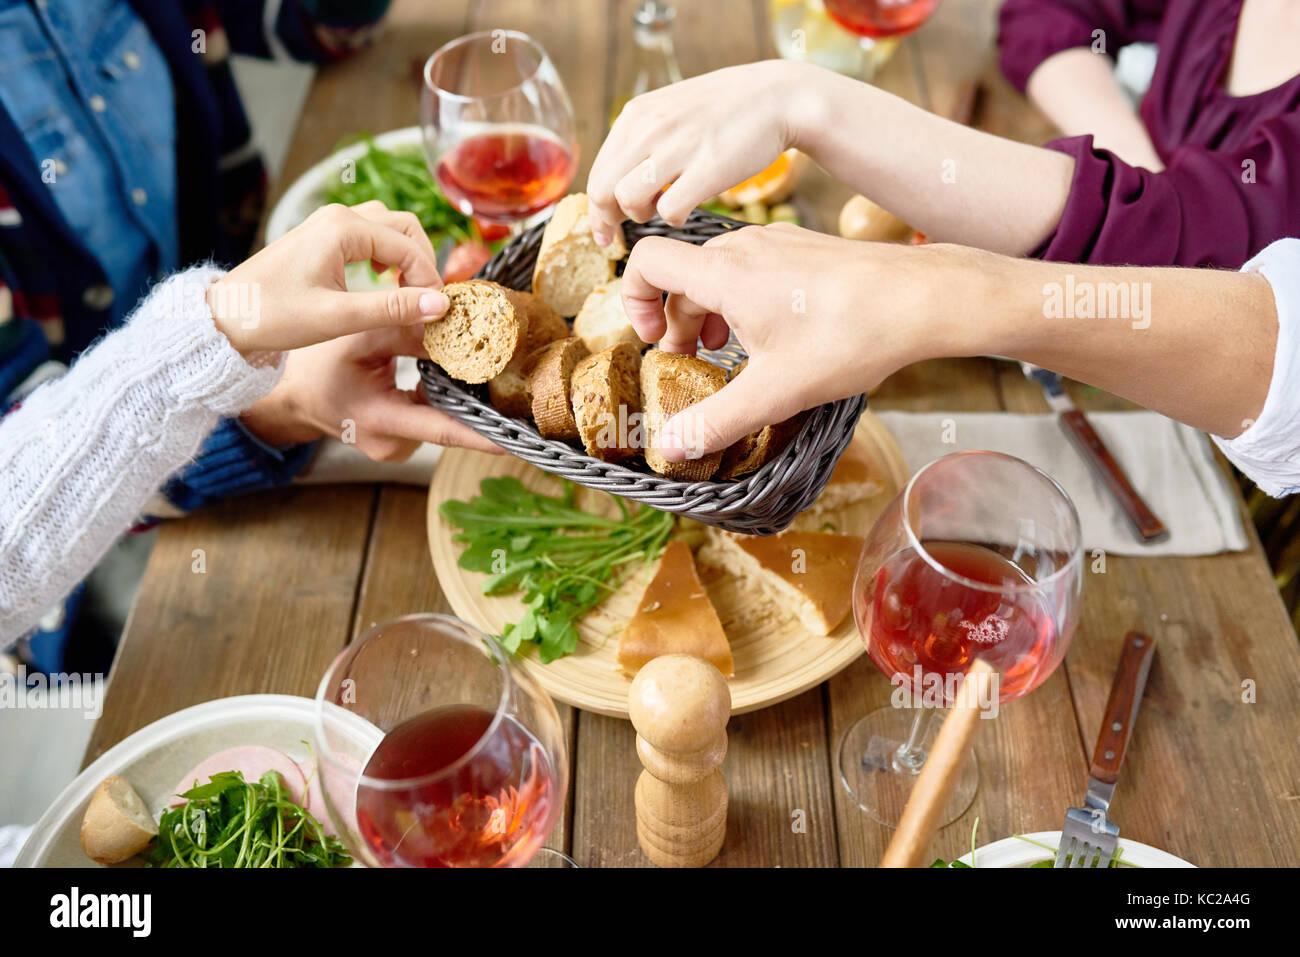 Nahaufnahme des unkenntlich Leute, Brotkorb rund um bei festlichen Tisch Stockbild